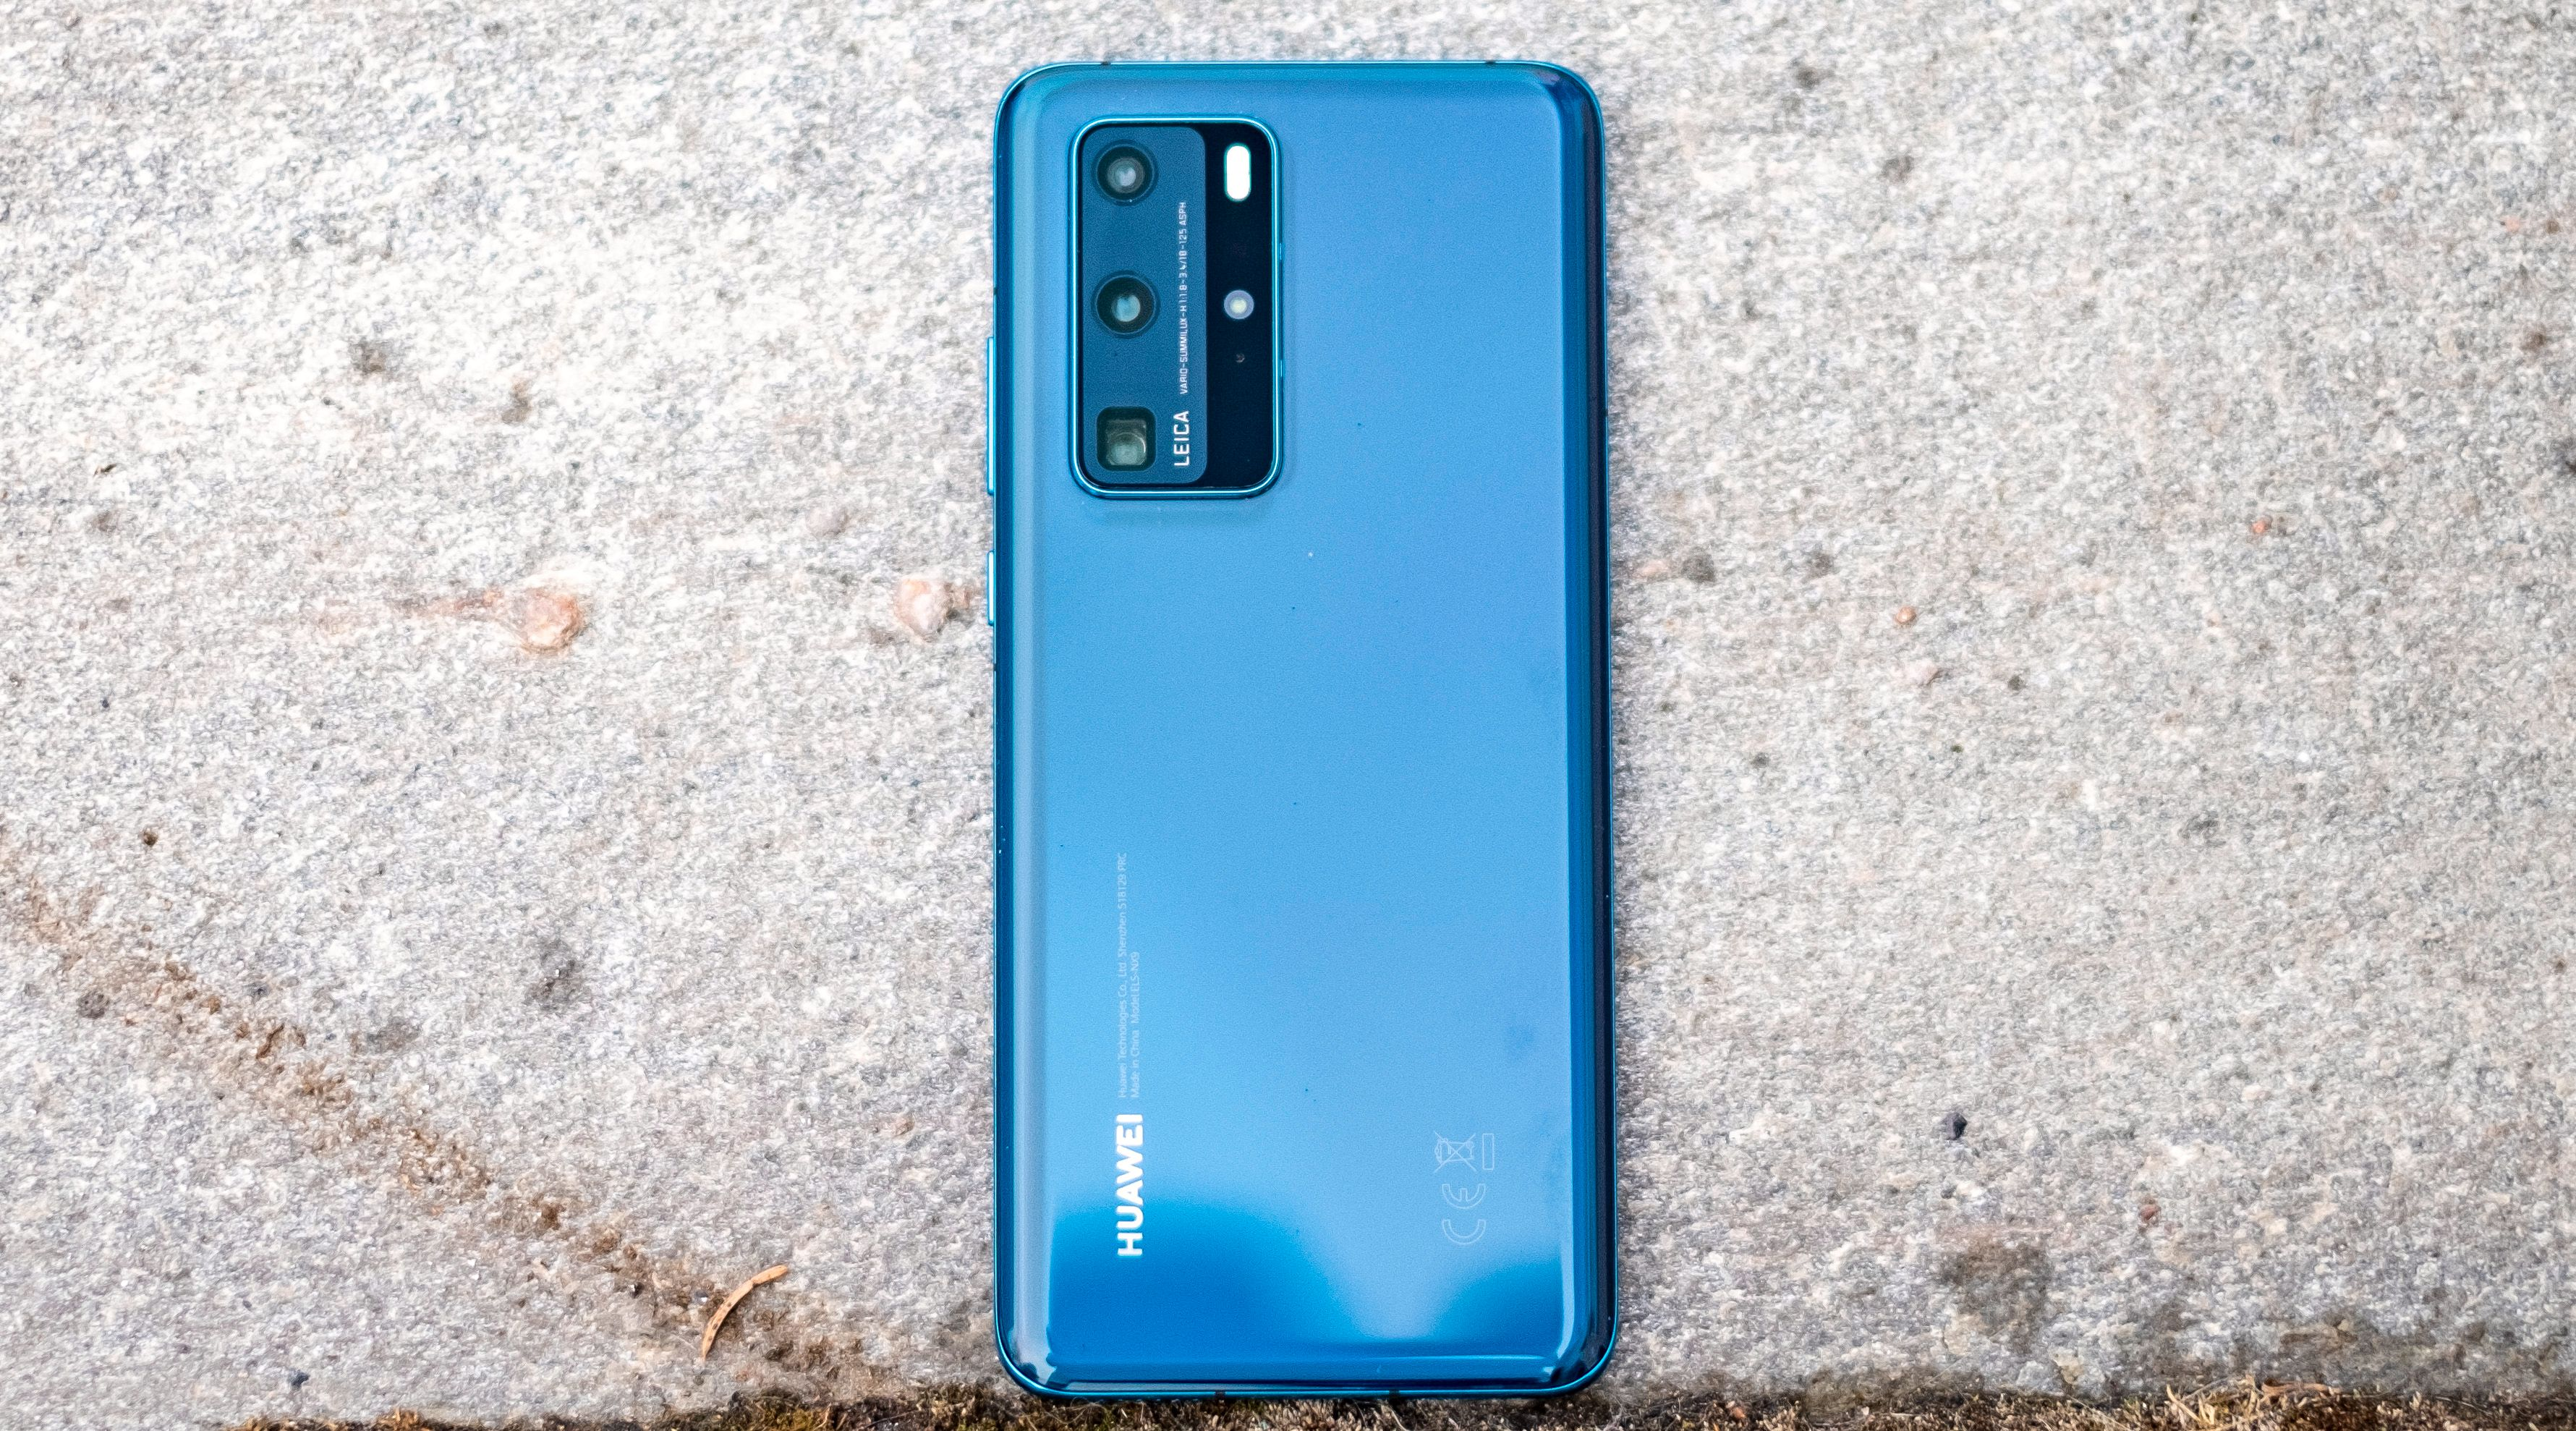 Huawei fortsetter å levere imponerende maskinvare, men uten Google-tjenester er en massiv overvekt av salget nå i Kina. Selskapet var likevel verdens største mobilprodusent i andre kvartal, ifølge analysebyrå.